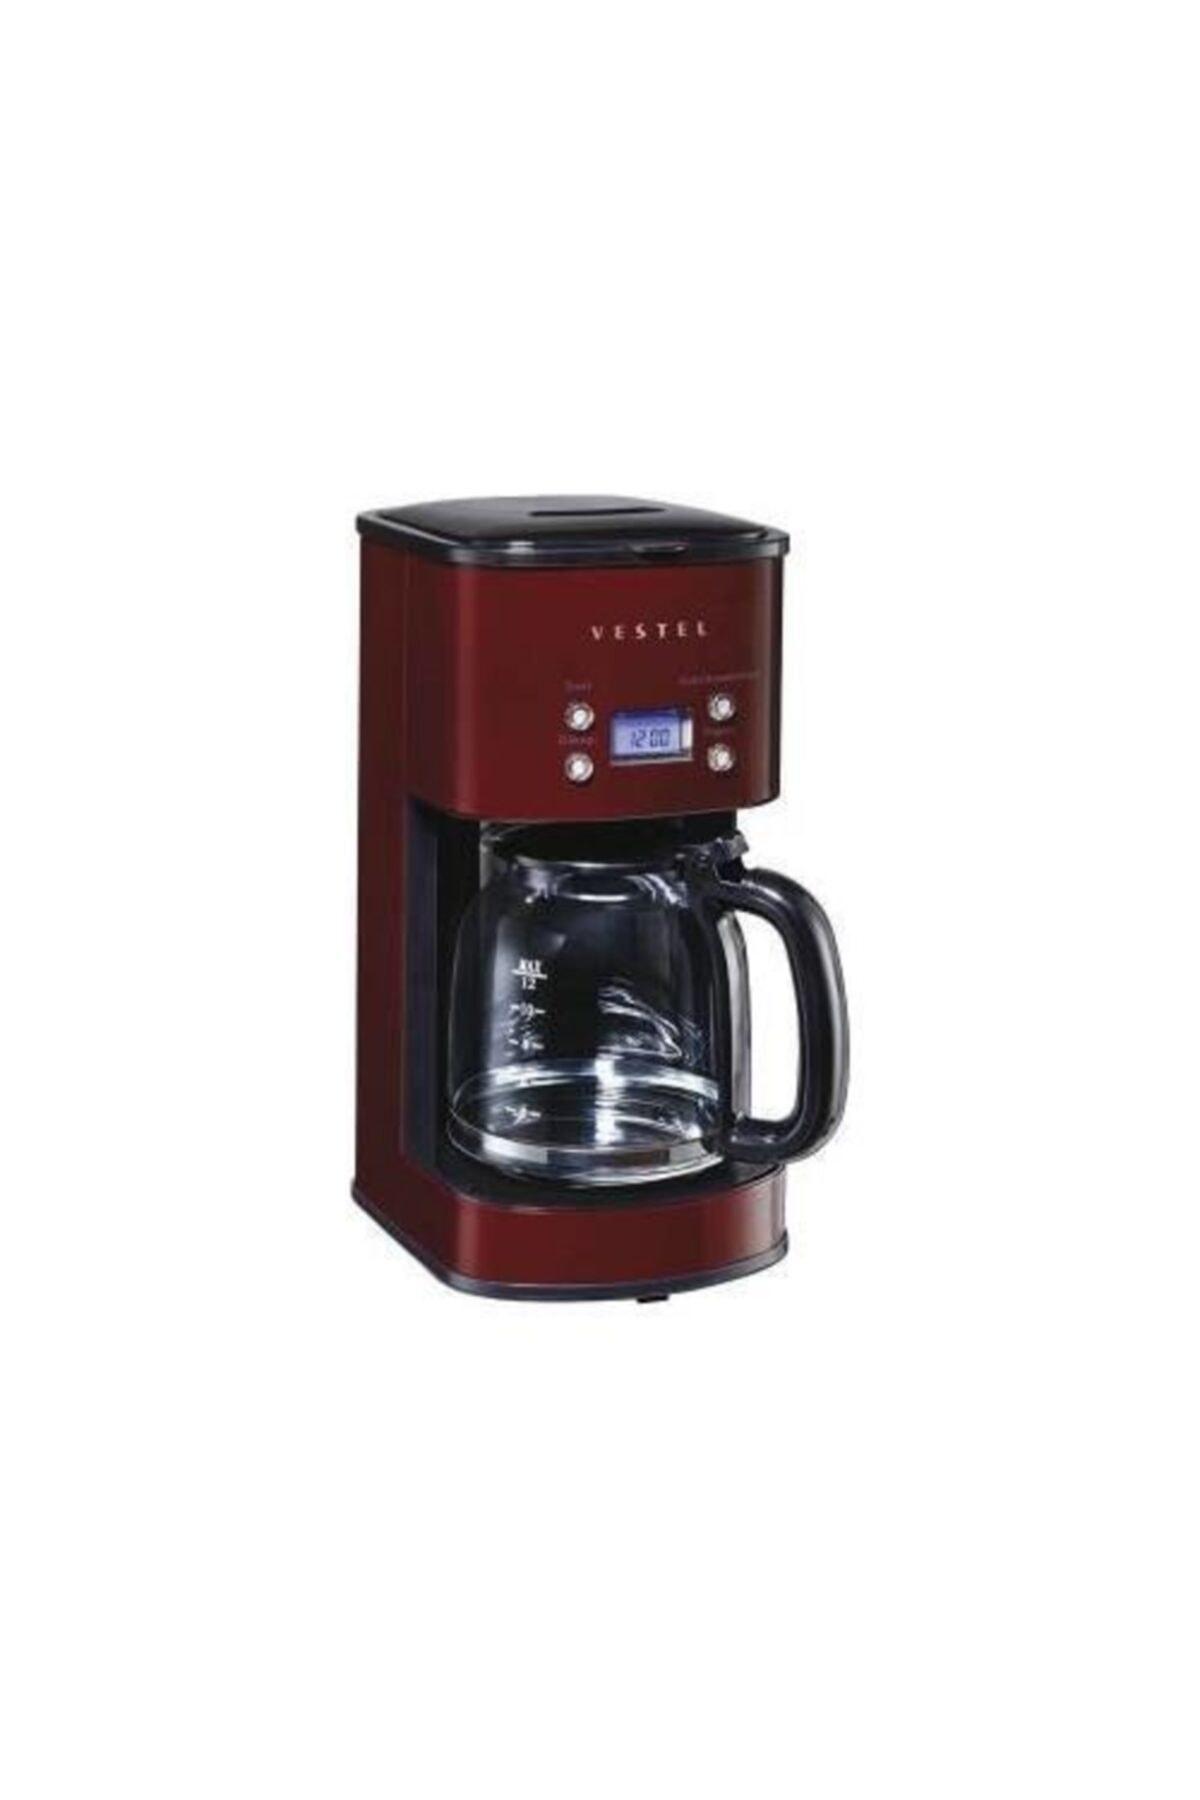 Vestel Retro Bordo Filtre Kahve Makinası 1000w 12 Fincan Kapasite 2